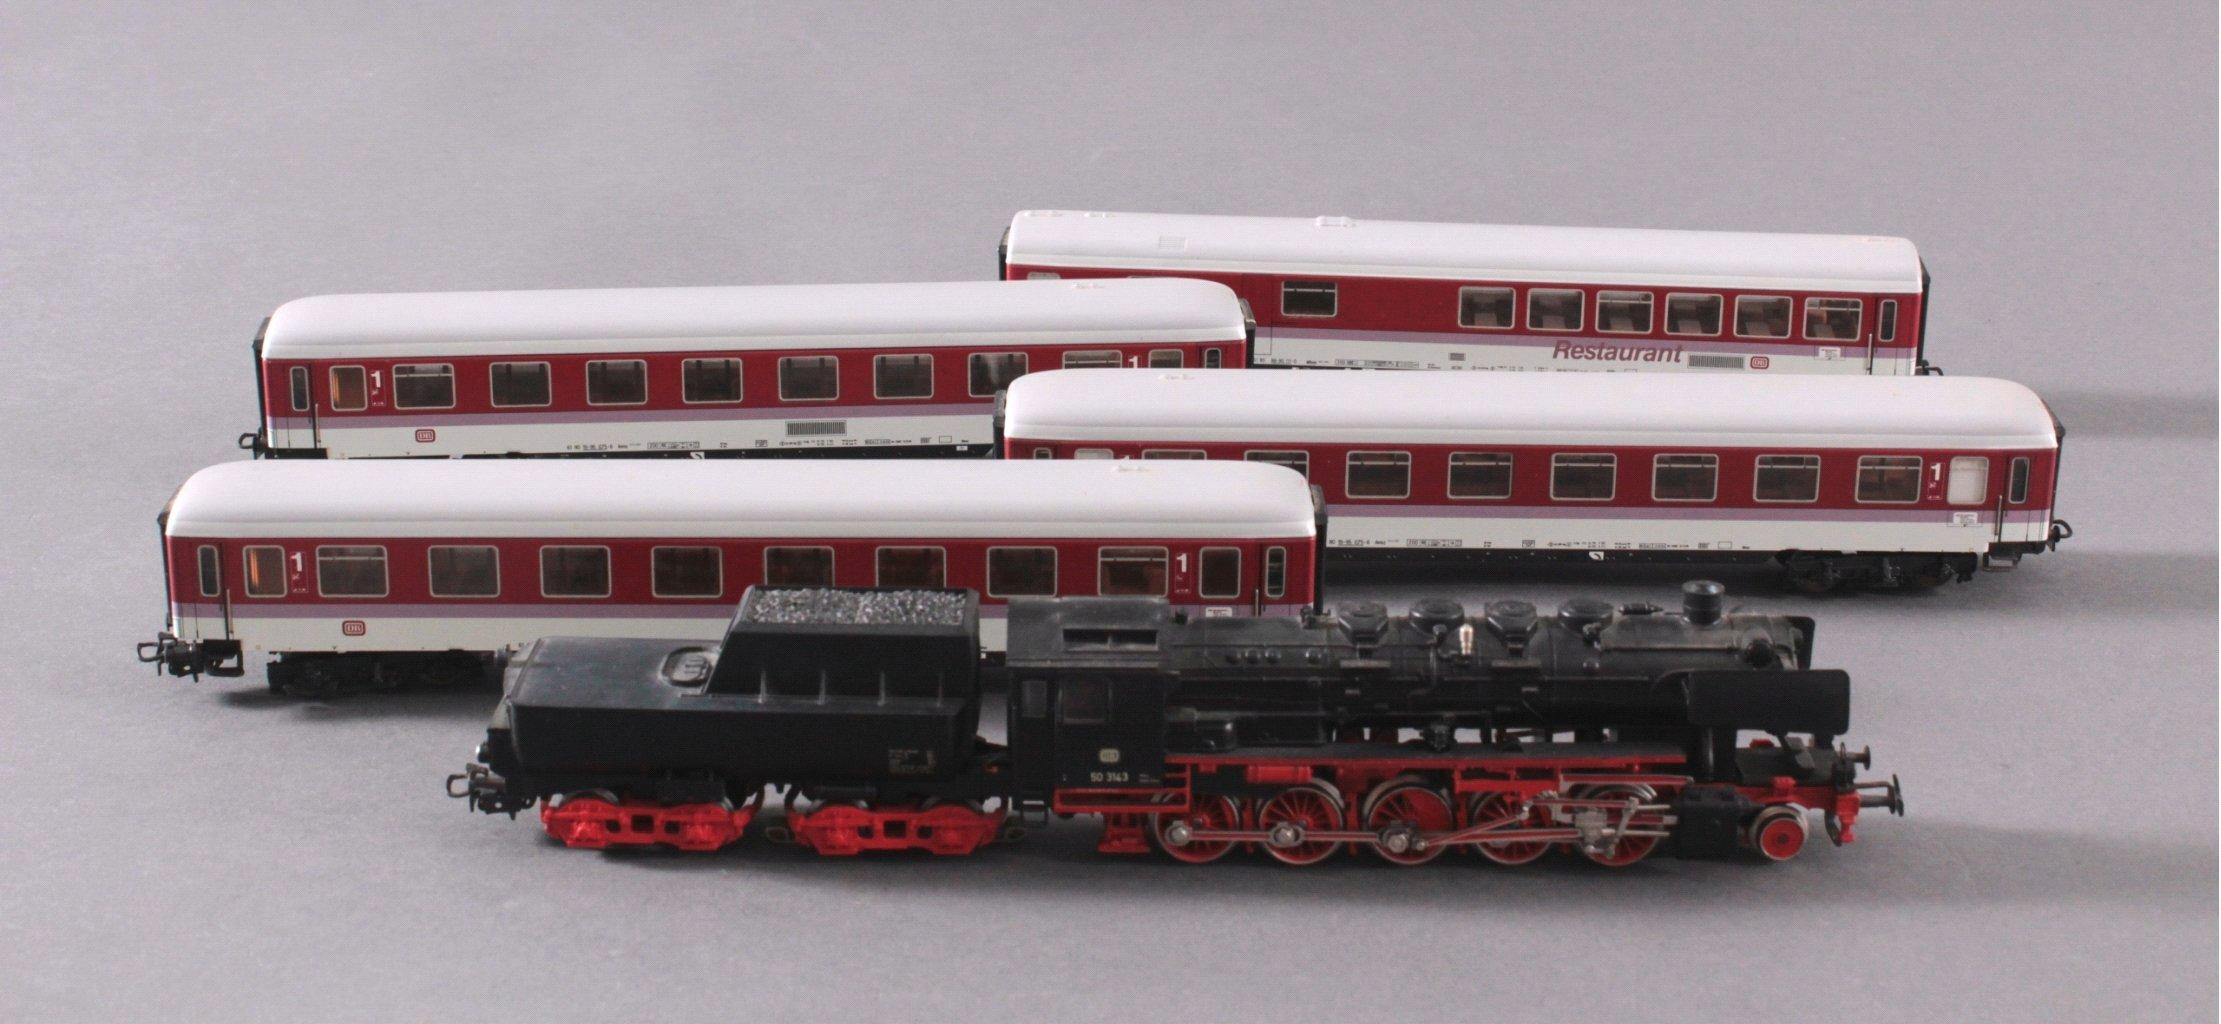 Märklin H0 3315 Dampf-Lok Baureihe 50 3143 DB in schwarz mit